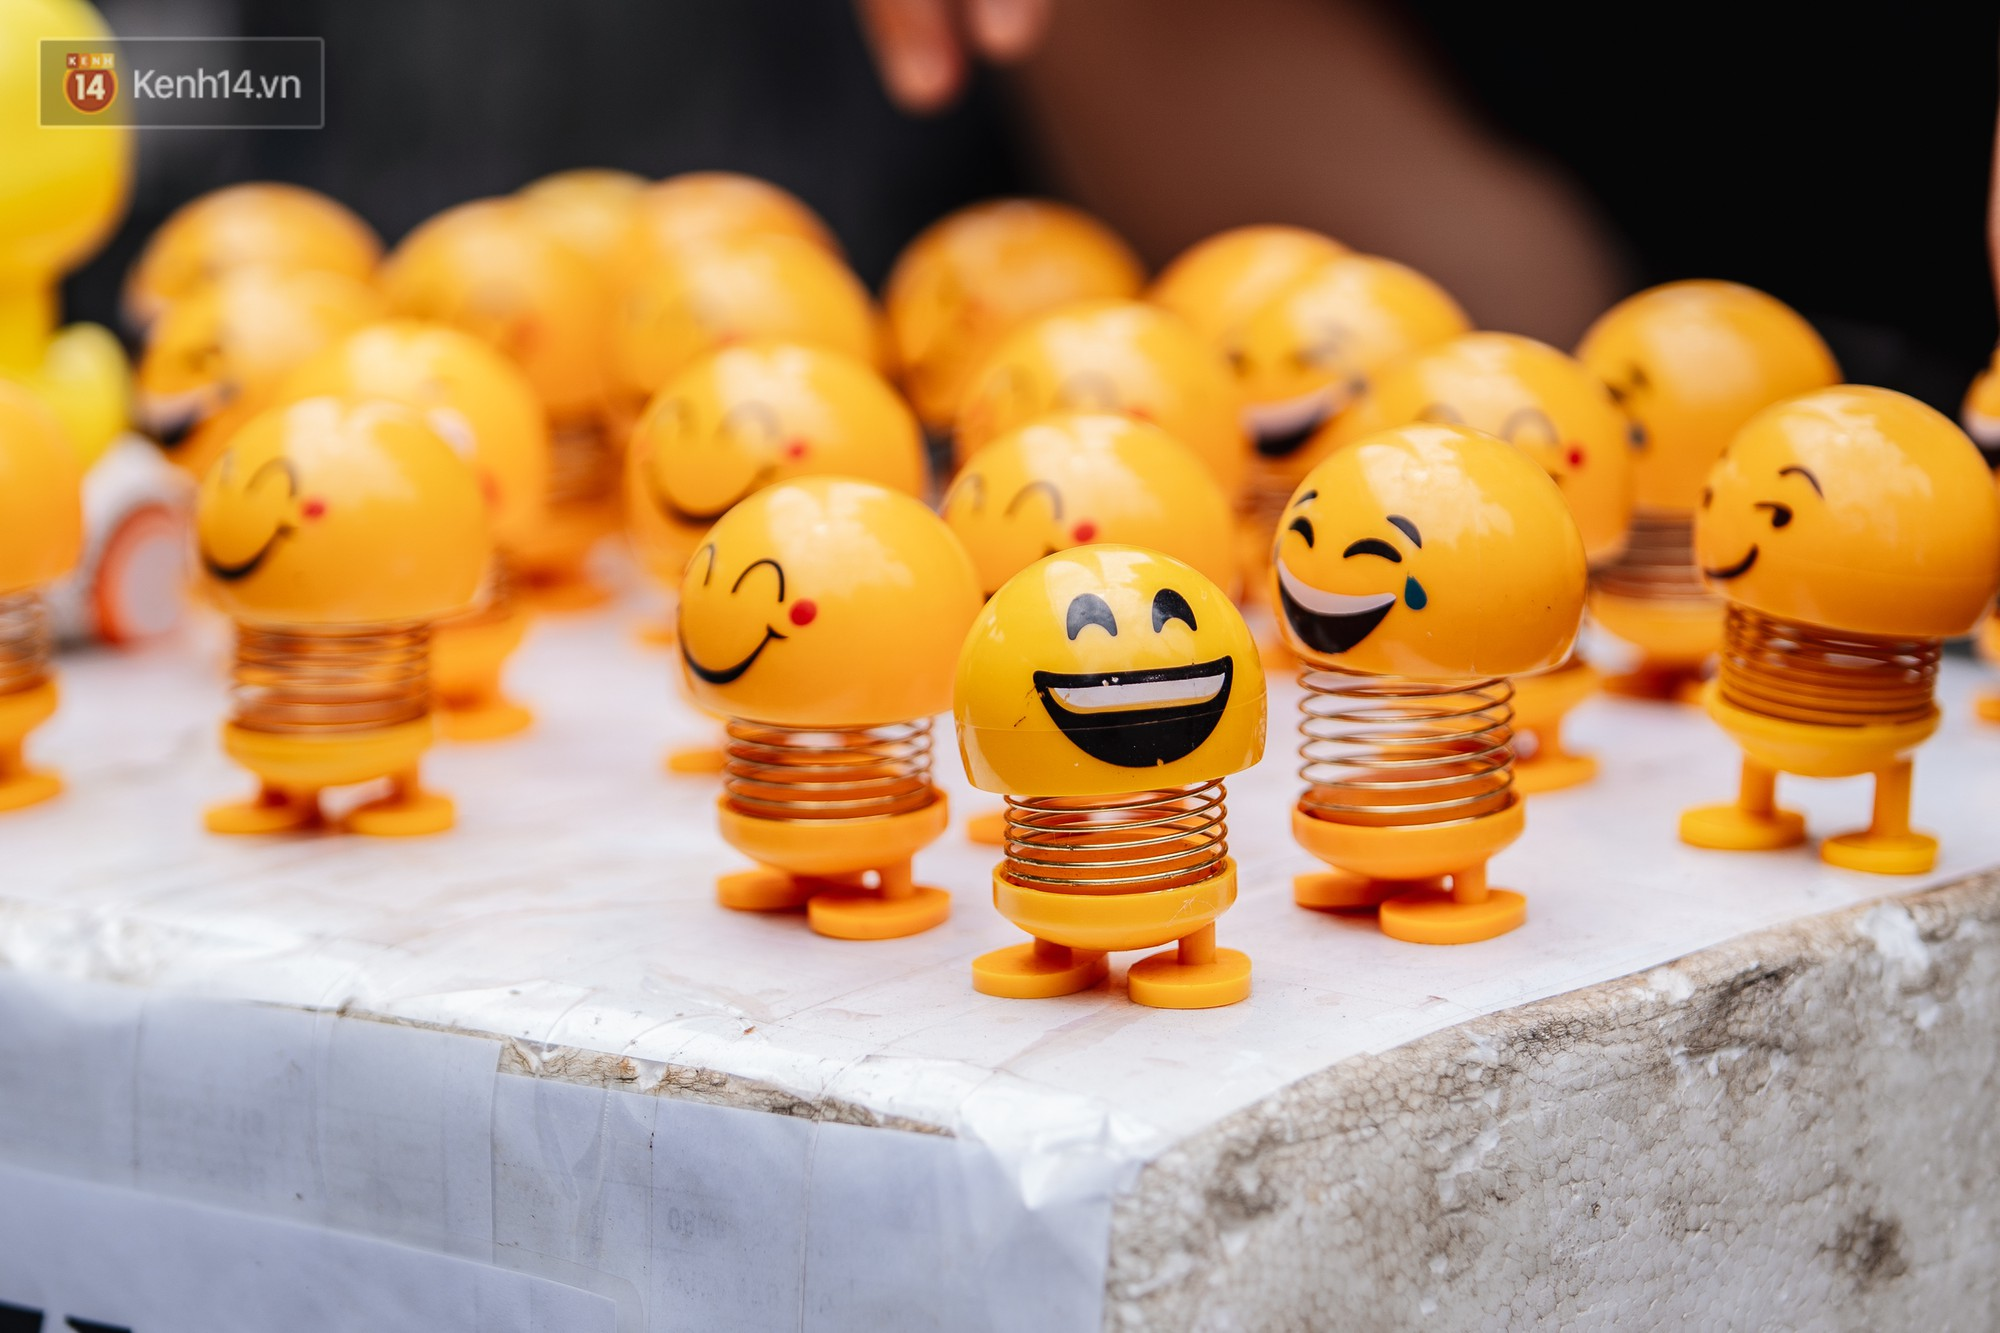 Người người nhà nhà đổ xô đi bán thú nhún lò xo Emoji, tự tin khoe thu nhập lên đến 5 triệu/ngày - Ảnh 3.